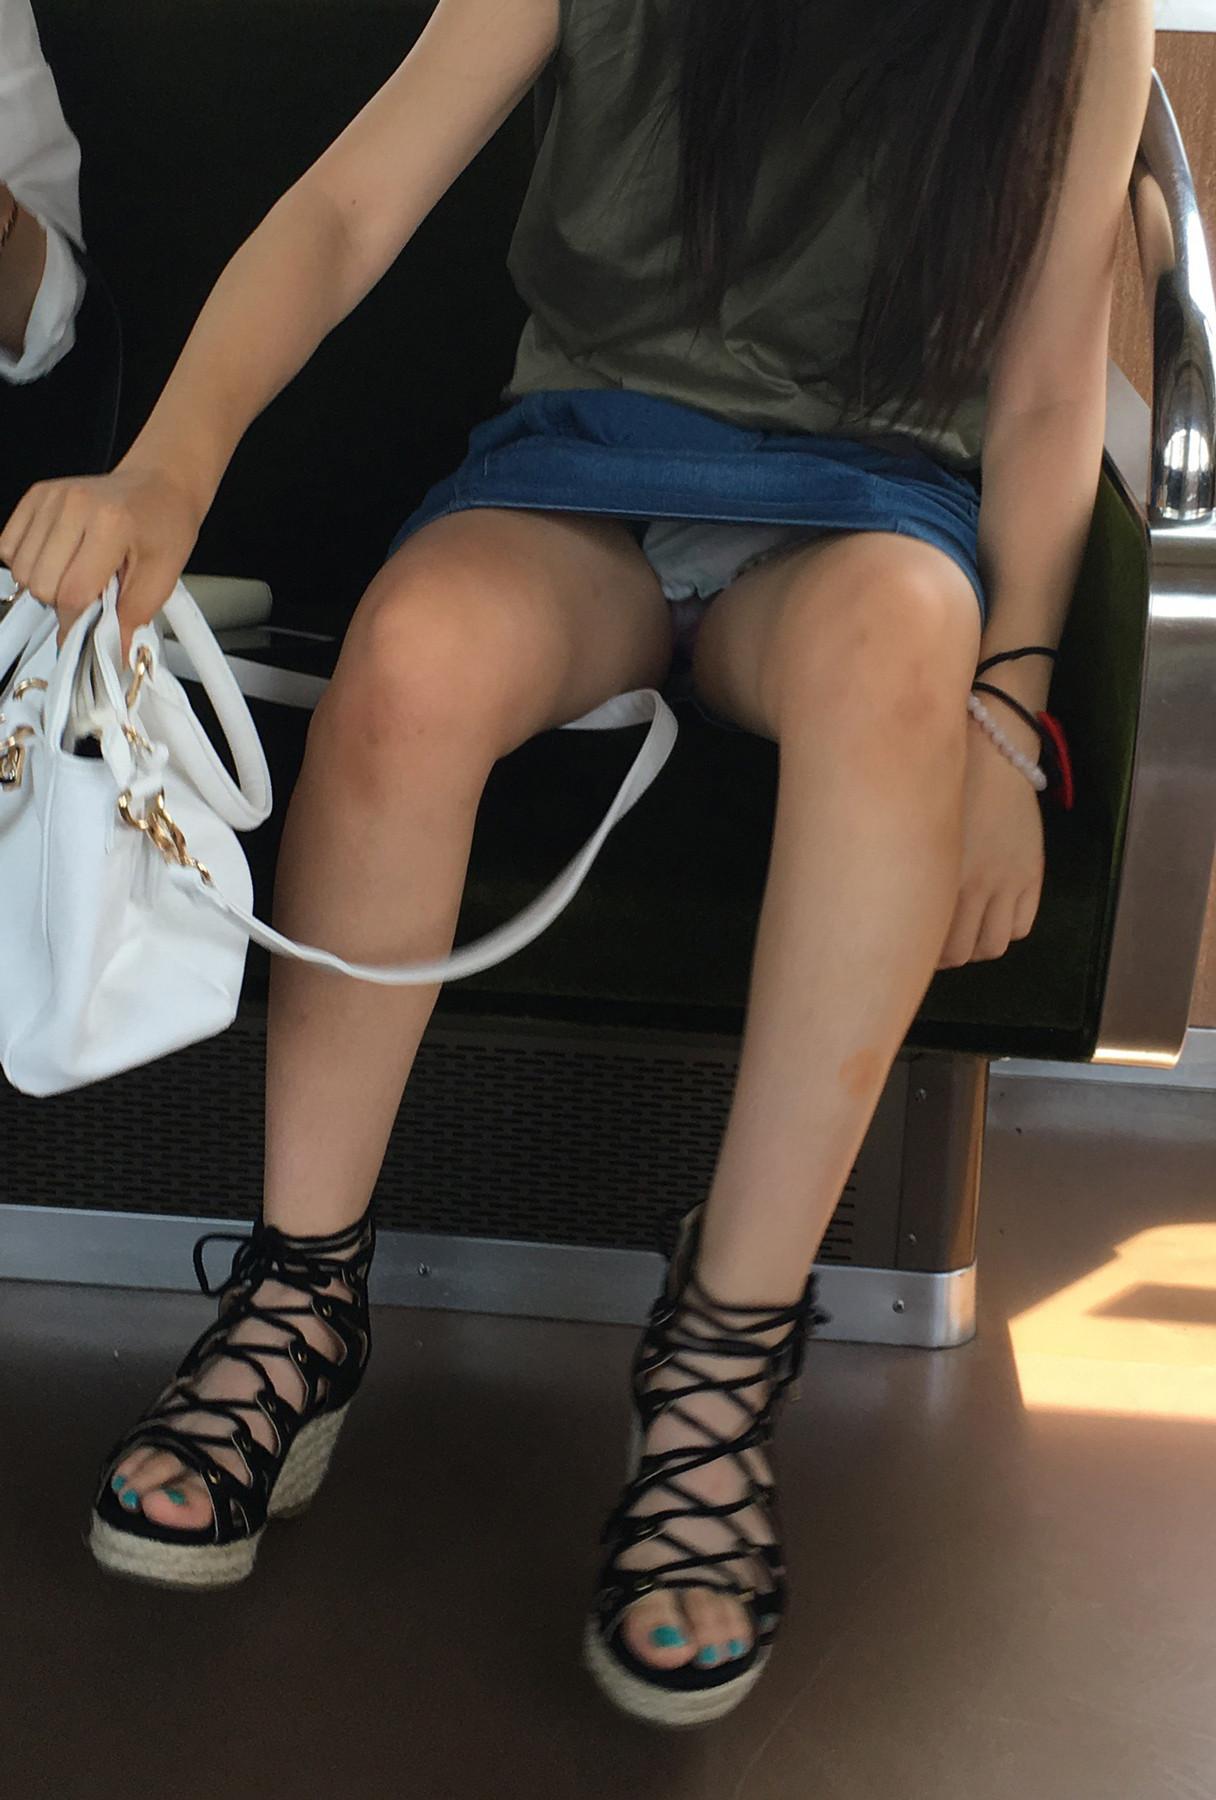 ずっと座り続けていたい列車内対面パンツ丸見え写真